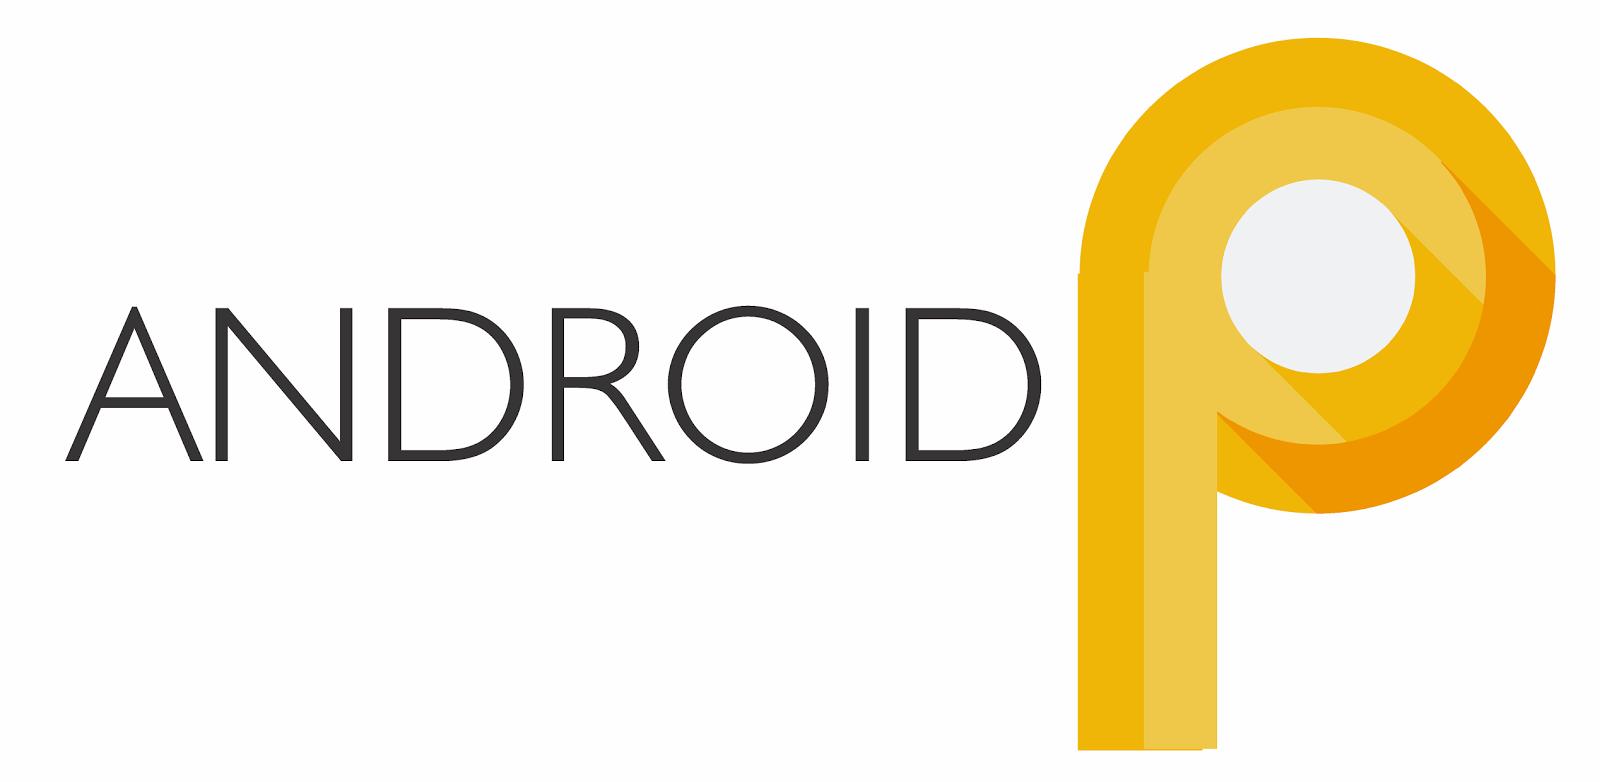 جوجل تعلن عن القائمة المبدئية للهواتف التي ستحصل على الإصدار الأحدث Android 9.0 P